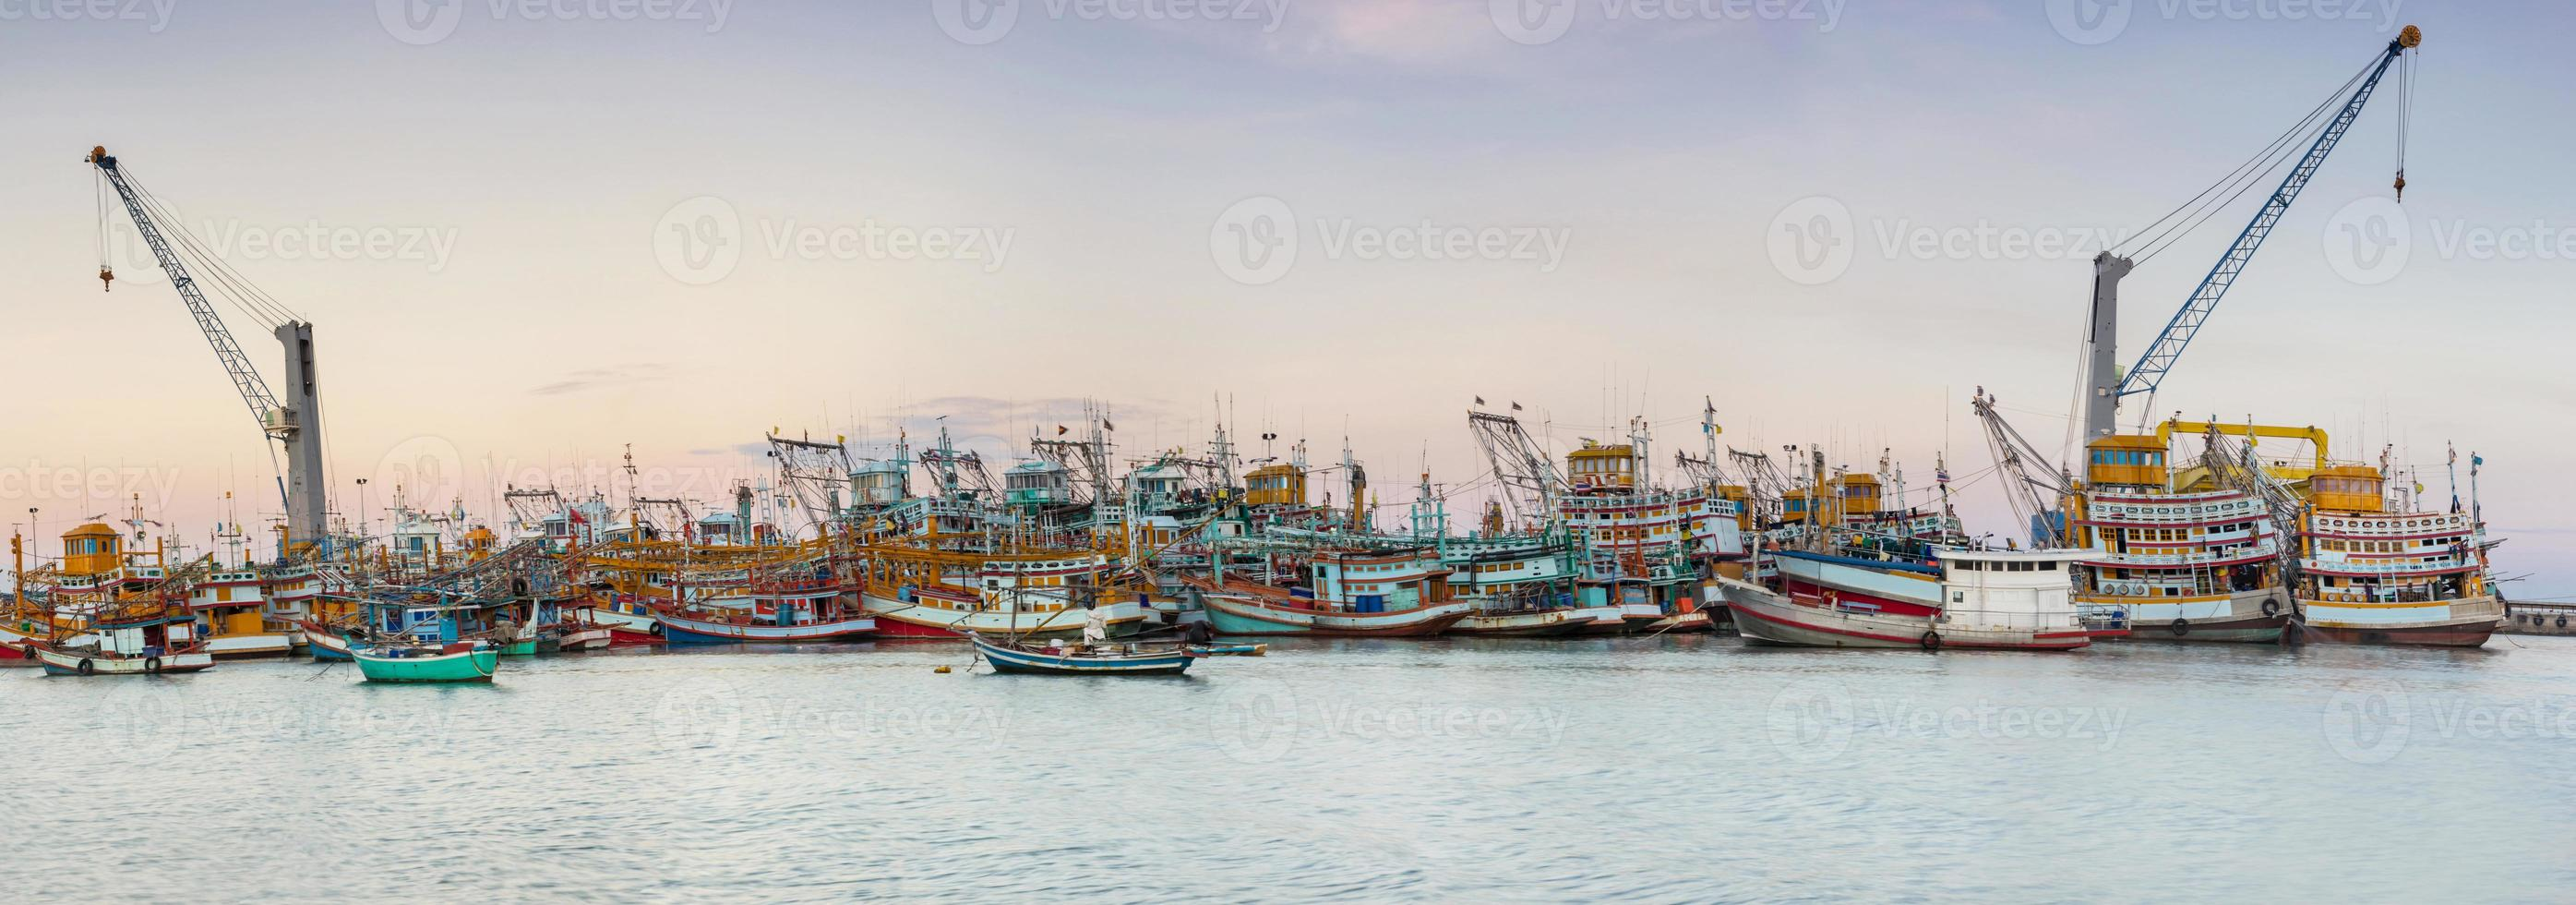 Industriefischerei in Thailand foto